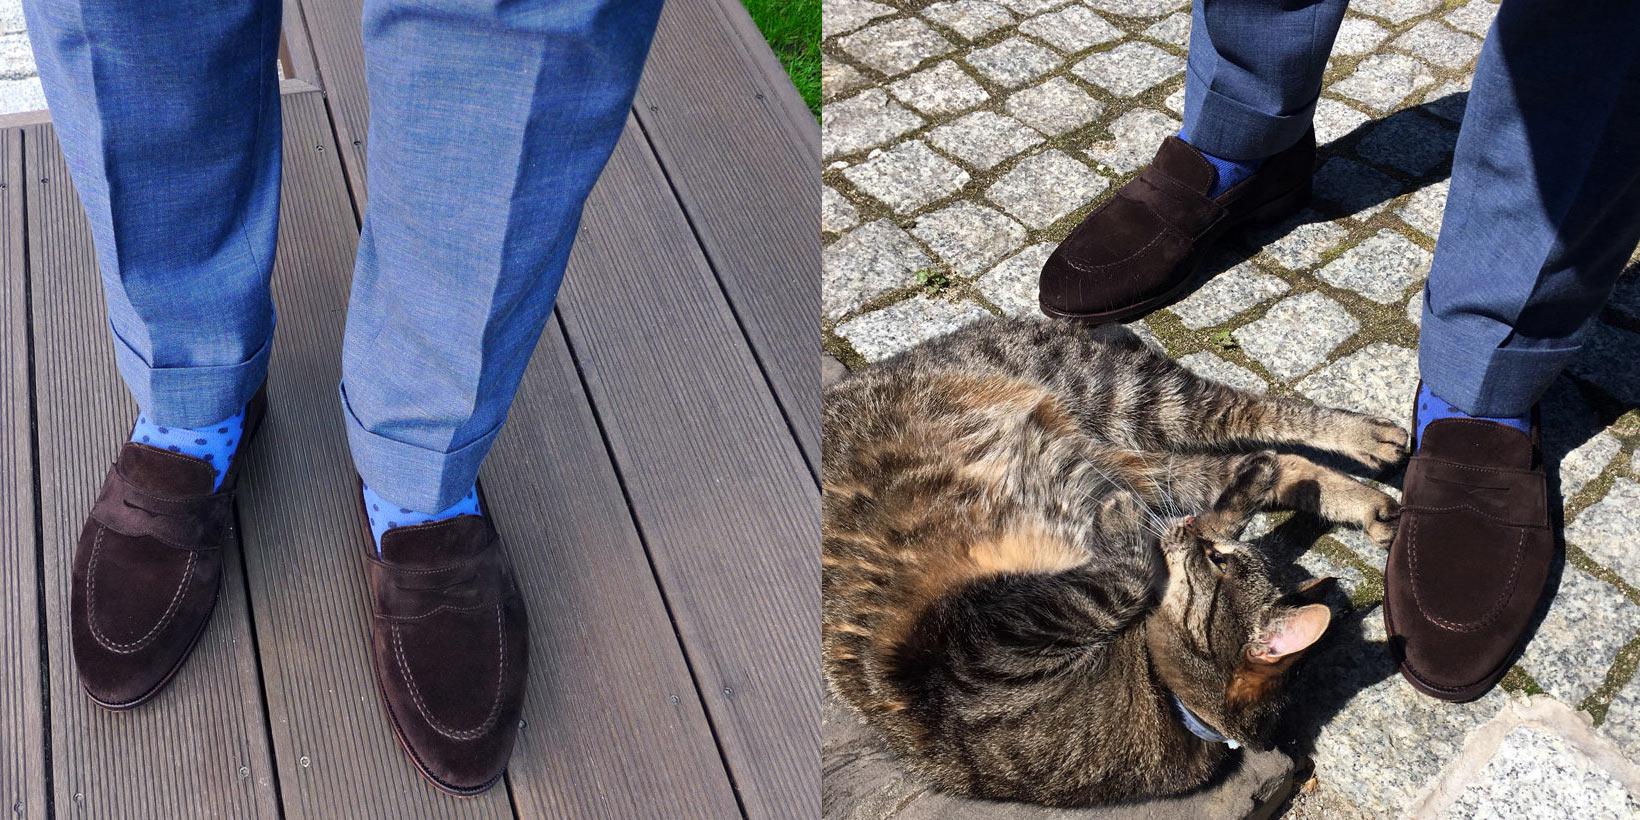 Mokasyny męskie stylizacje, penny loafers ciemny zamsz, niebieskie spodnie, niebieskie skarpety